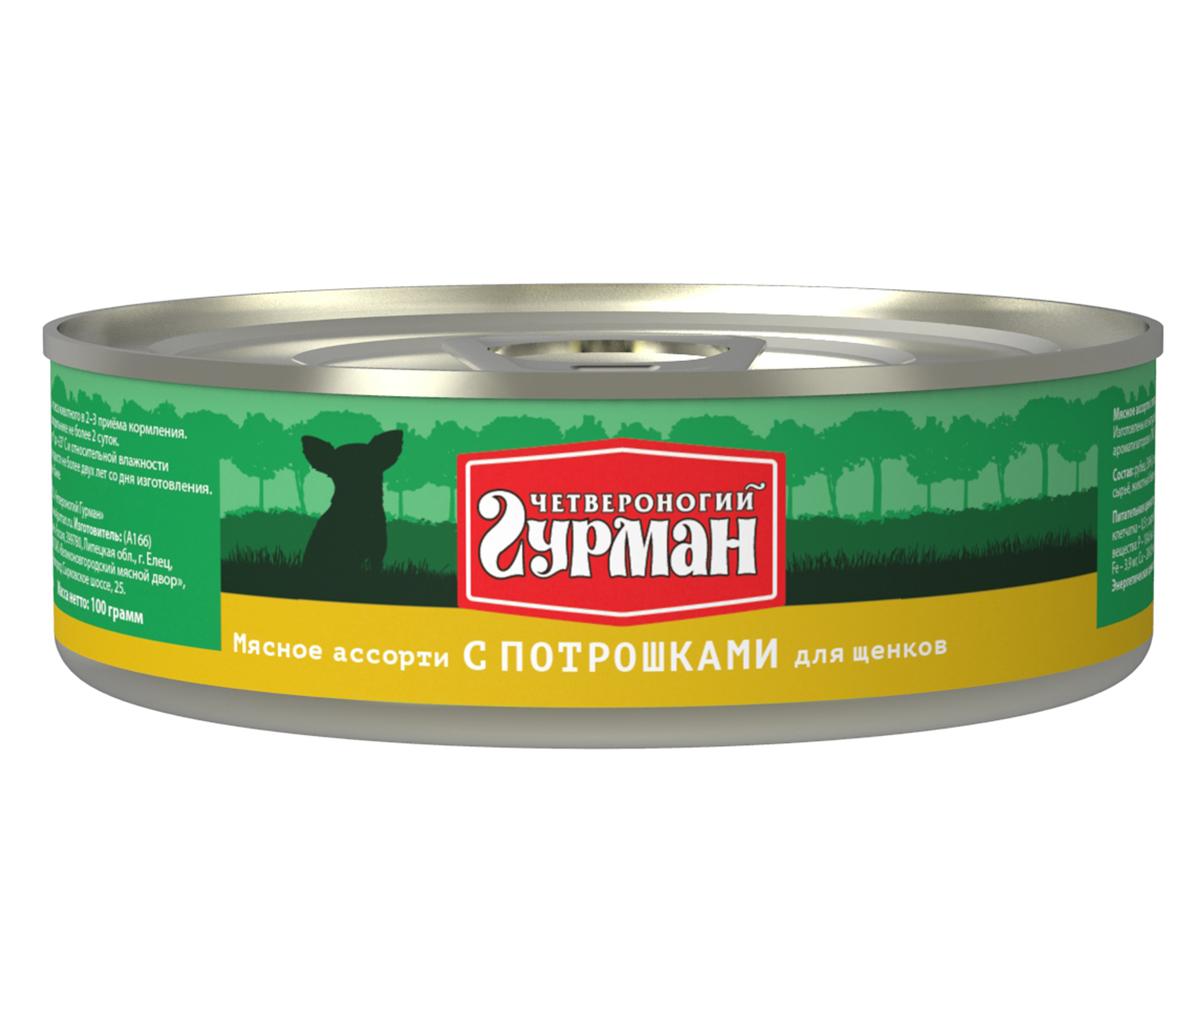 Консервы для щенков Четвероногий гурман Мясное ассорти, с потрошками, 100 г. 1031010180120710Консервы для щенков Четвероногий гурман Мясное ассорти - это влажный мясной корм суперпремиум класса, состоящий из разных сортов мяса и качественных субпродуктов. Корм не содержит синтетических витаминно-минеральных комплексов, злаков, бобовых и овощей. Никаких искусственных компонентов в составе: только натуральное, экологически чистое мясо от проверенных поставщиков. По консистенции продукт представляет собой кусочки из фарша размером 3-15 мм. В состав входит коллаген. Его компоненты (хондроитин и глюкозамин) положительно воздействуют на суставы питомца. Состав: рубец (36%), сердце (22%), легкое, печень, коллагенсодержащее сырье, животный белок, масло растительное, вода. Пищевая ценность (в 100 г продукта): протеин 10,5 г, жир 6 г, клетчатка 0,5 г, сырая зола 2 г, влага 80 г. Минеральные вещества: P 104,6 мг, Са 11,03 мг, Na 159,3 мг, Cl 209,2 мг, Mg 10,9 мг, Fe 3,9 мг, Cu 249,05 мкг, I 4,32 мкг. Витамины: А, E, В1, В2, B3, B5, B6. Энергетическая ценность (на 100 г): 98 ккал.Товар сертифицирован.